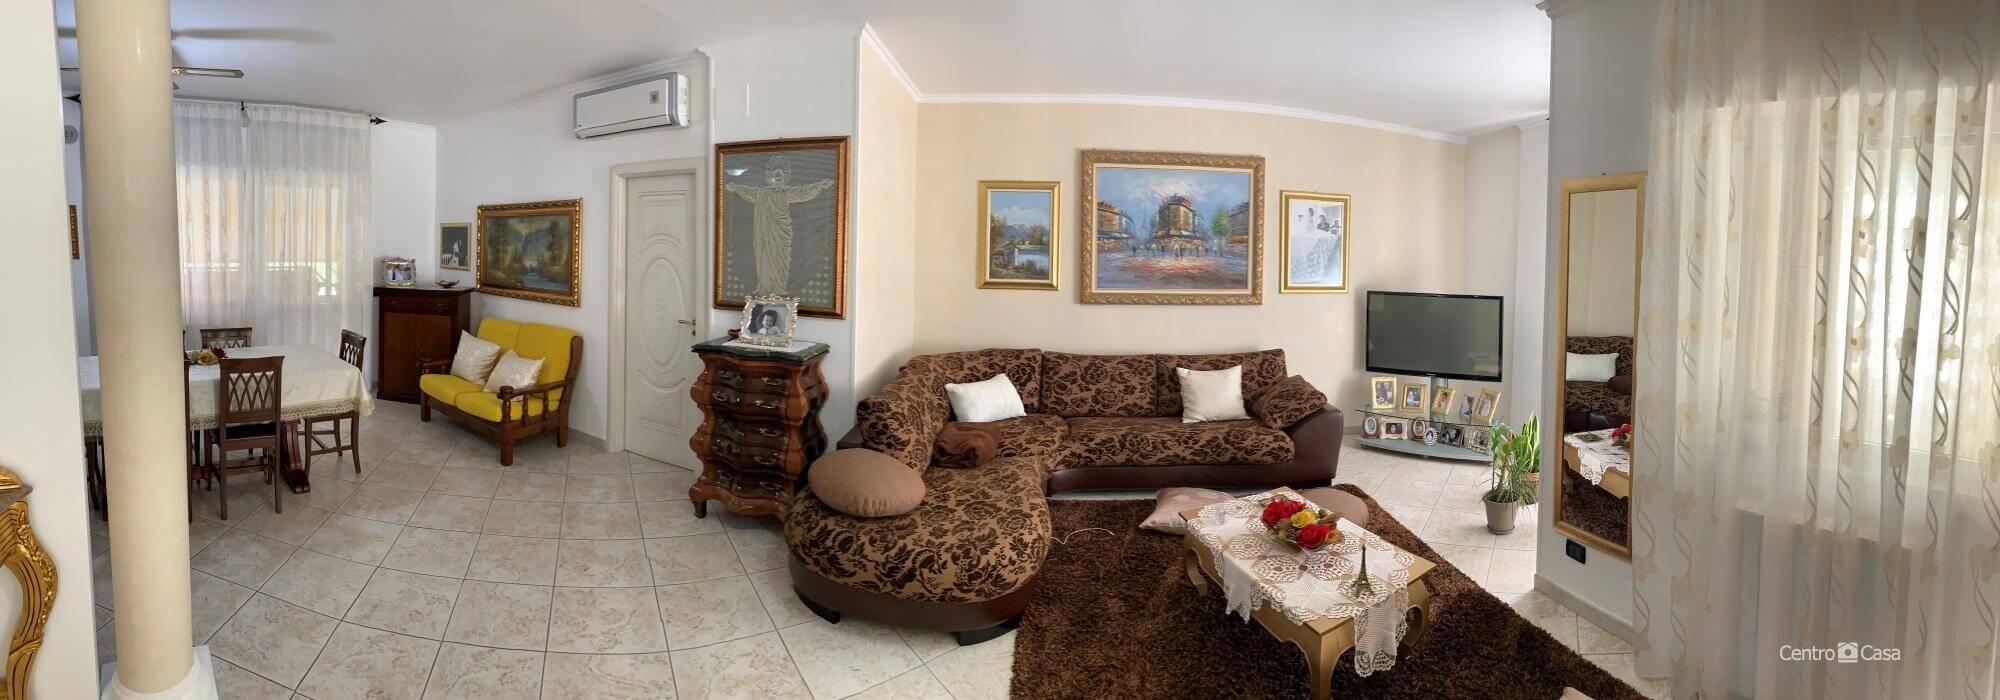 Appartamento via Botticelli